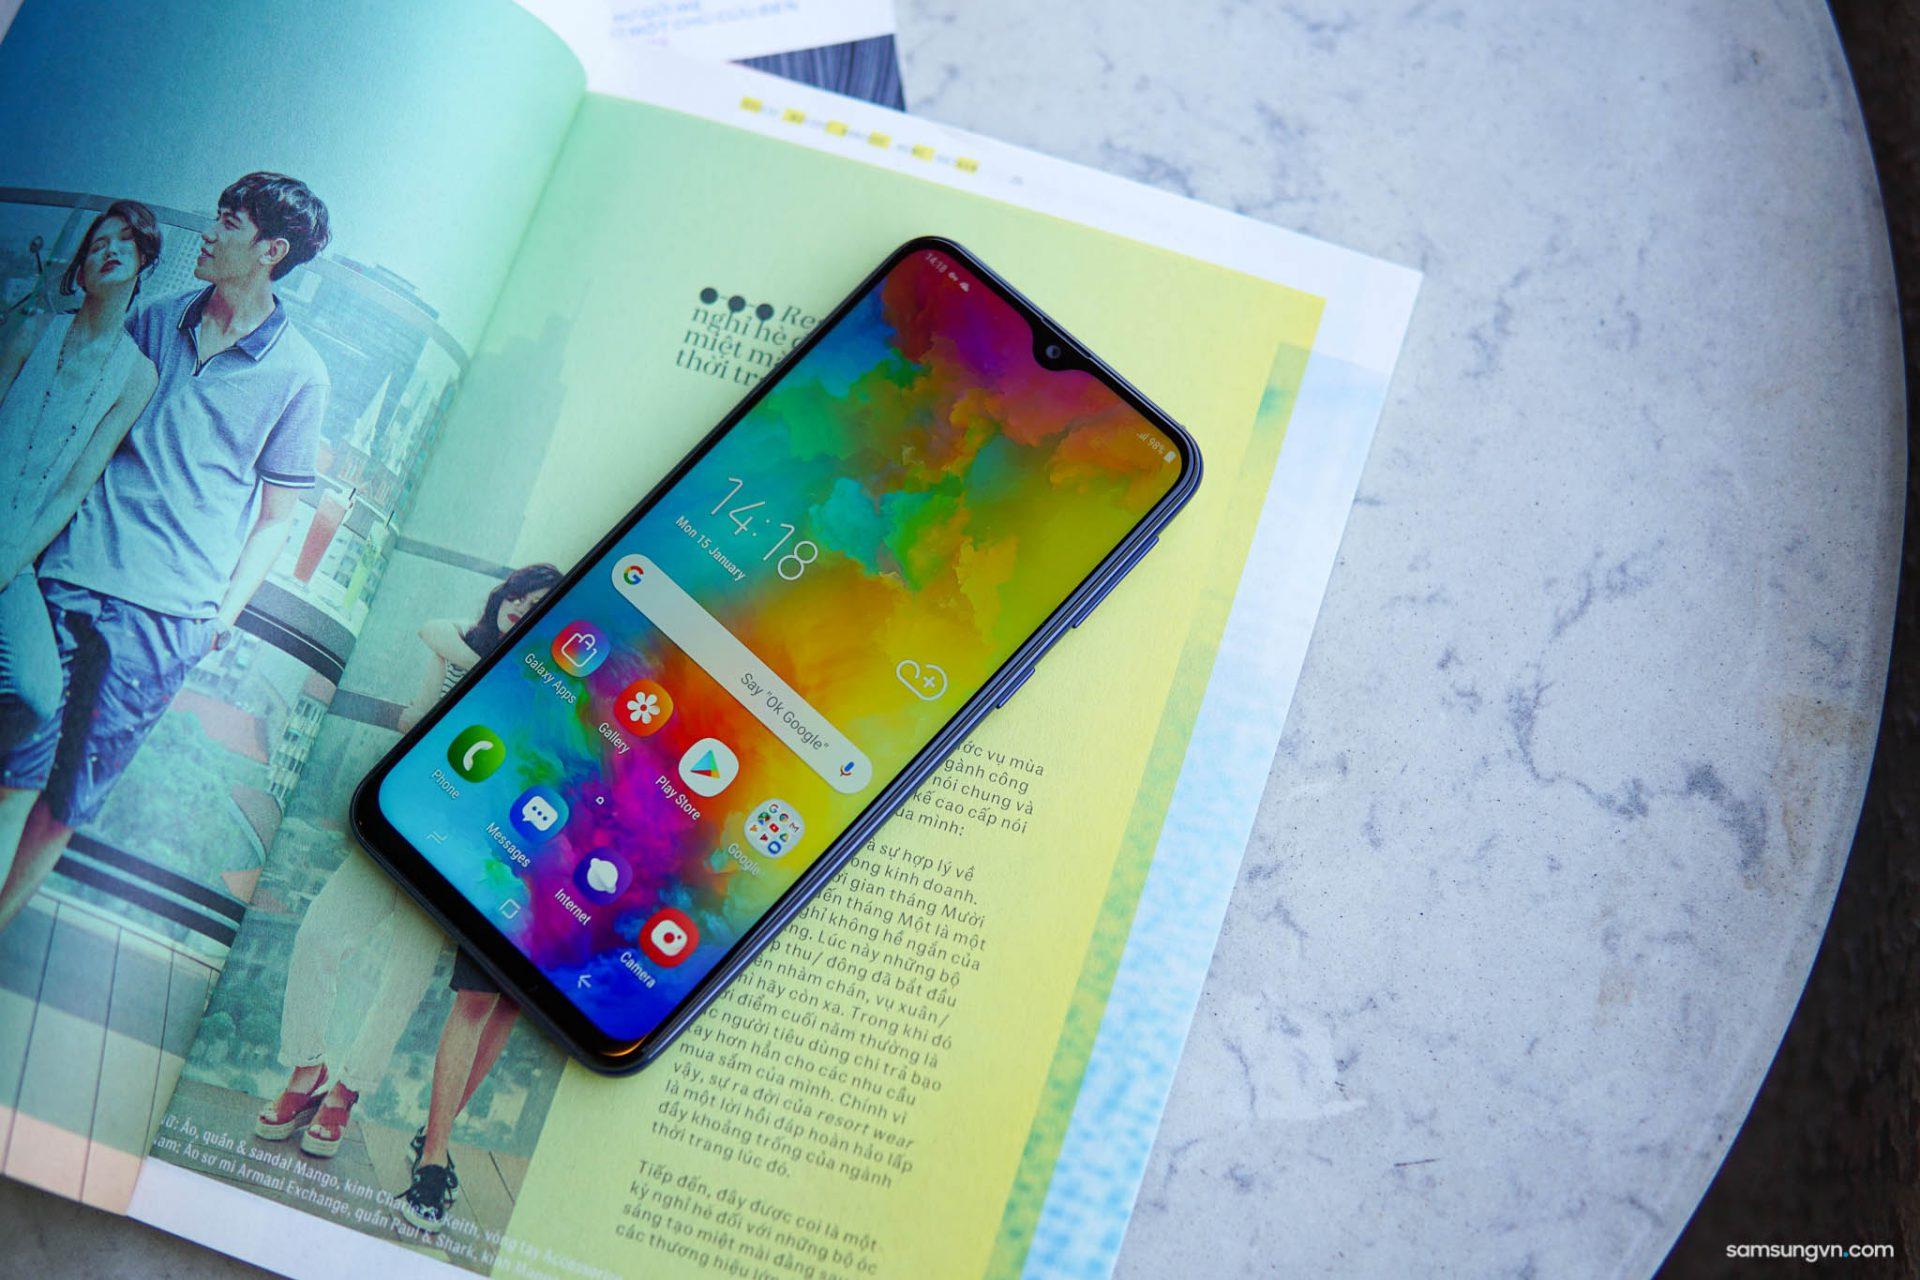 Thừa hưởng nhiều tính năng cao cấp, Galaxy M20 chính là chiếc smartphone hoàn hảo cho trải nghiệm không giới hạn